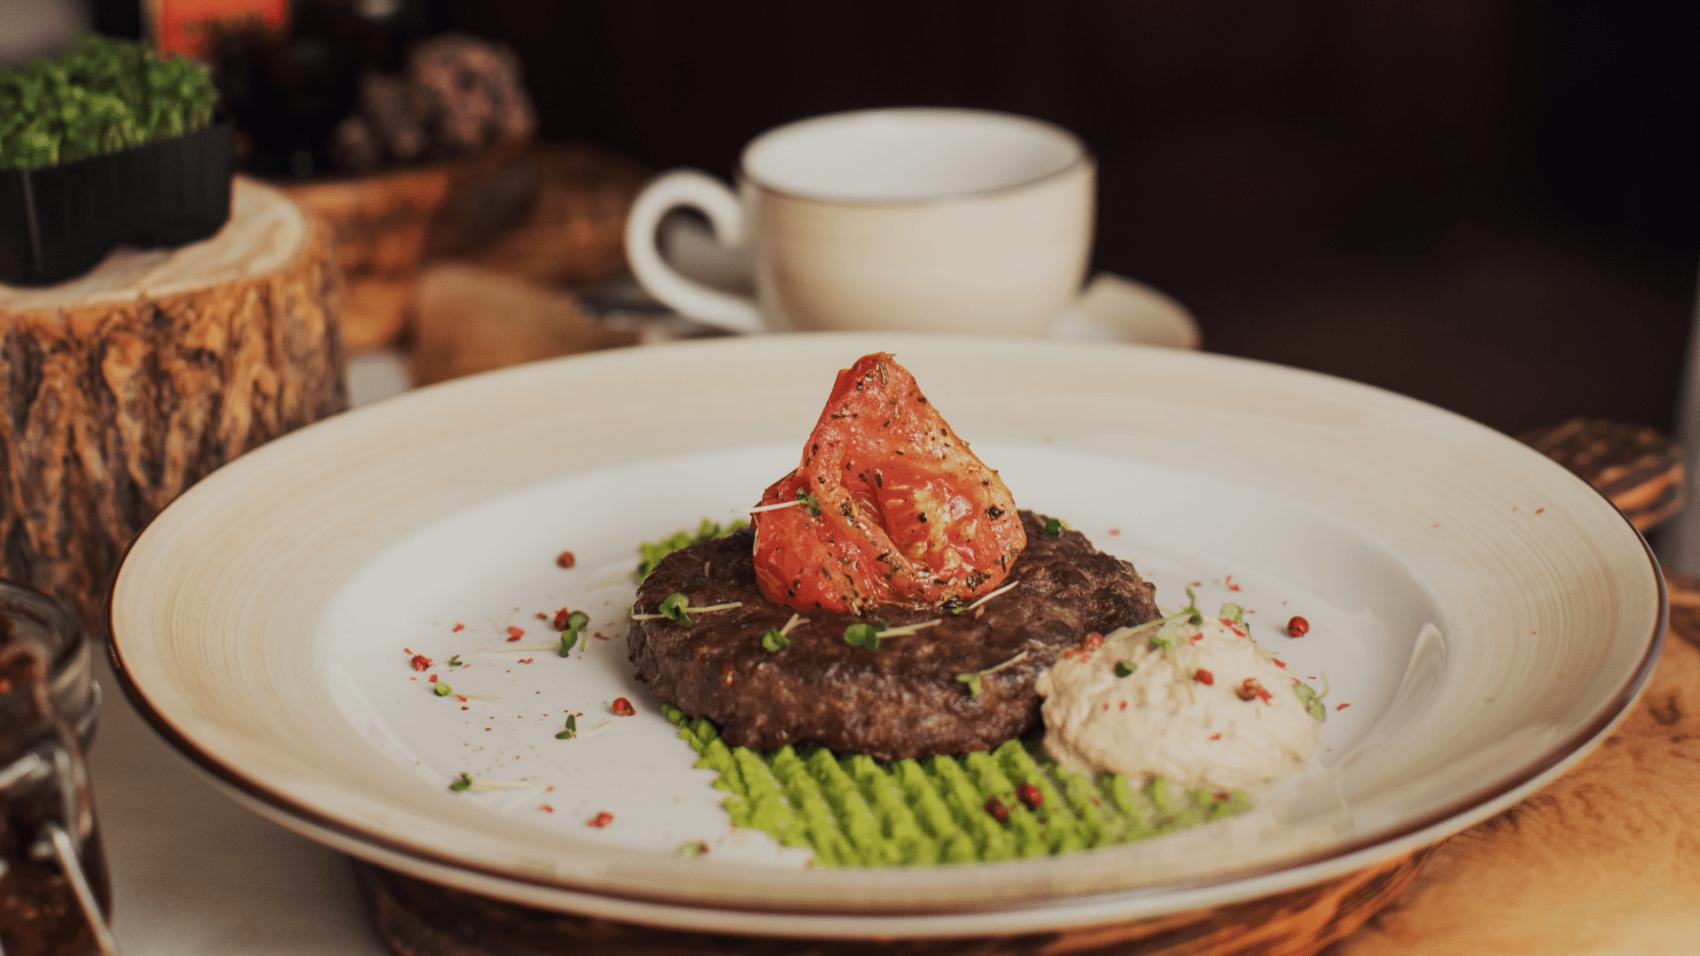 Descubre cuánto cuesta comer en los restaurantes de los mejores chefs españoles